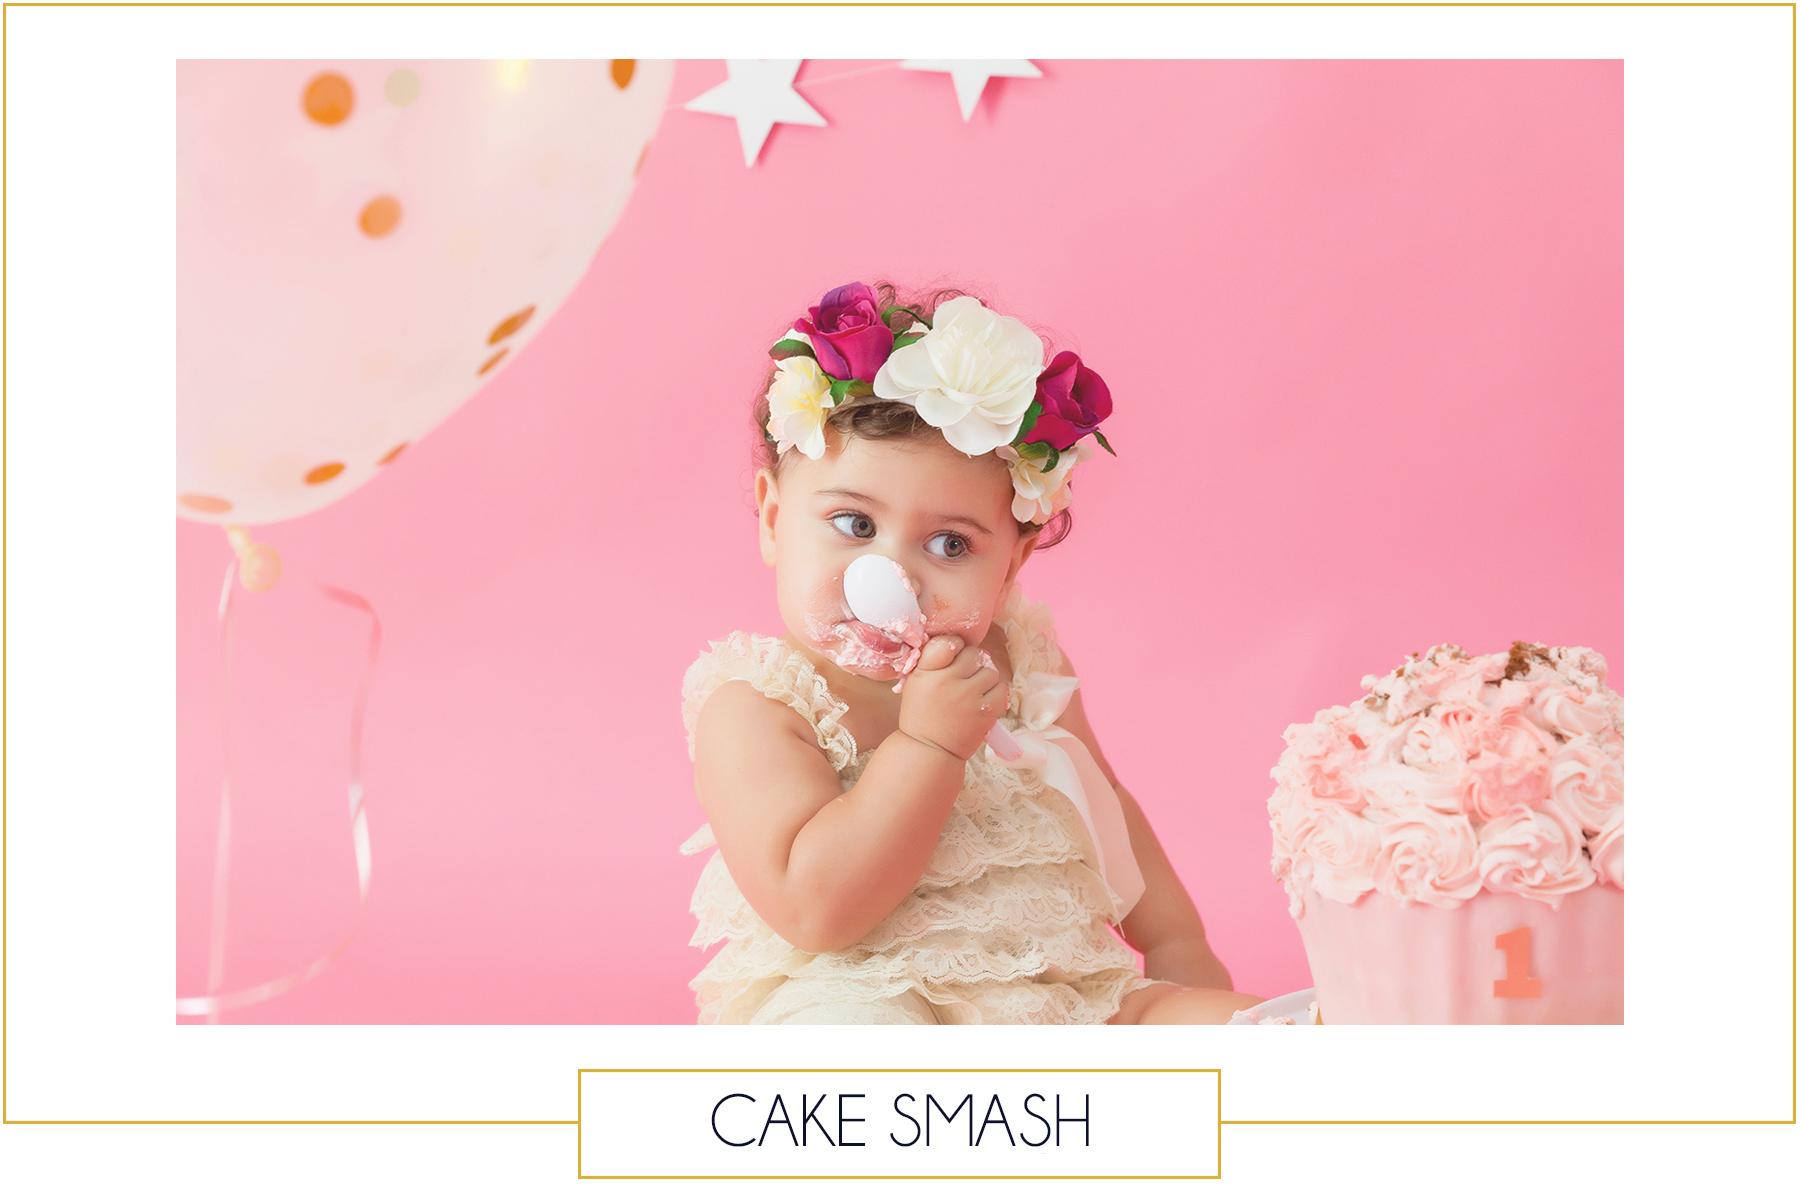 cakesmash.jpg